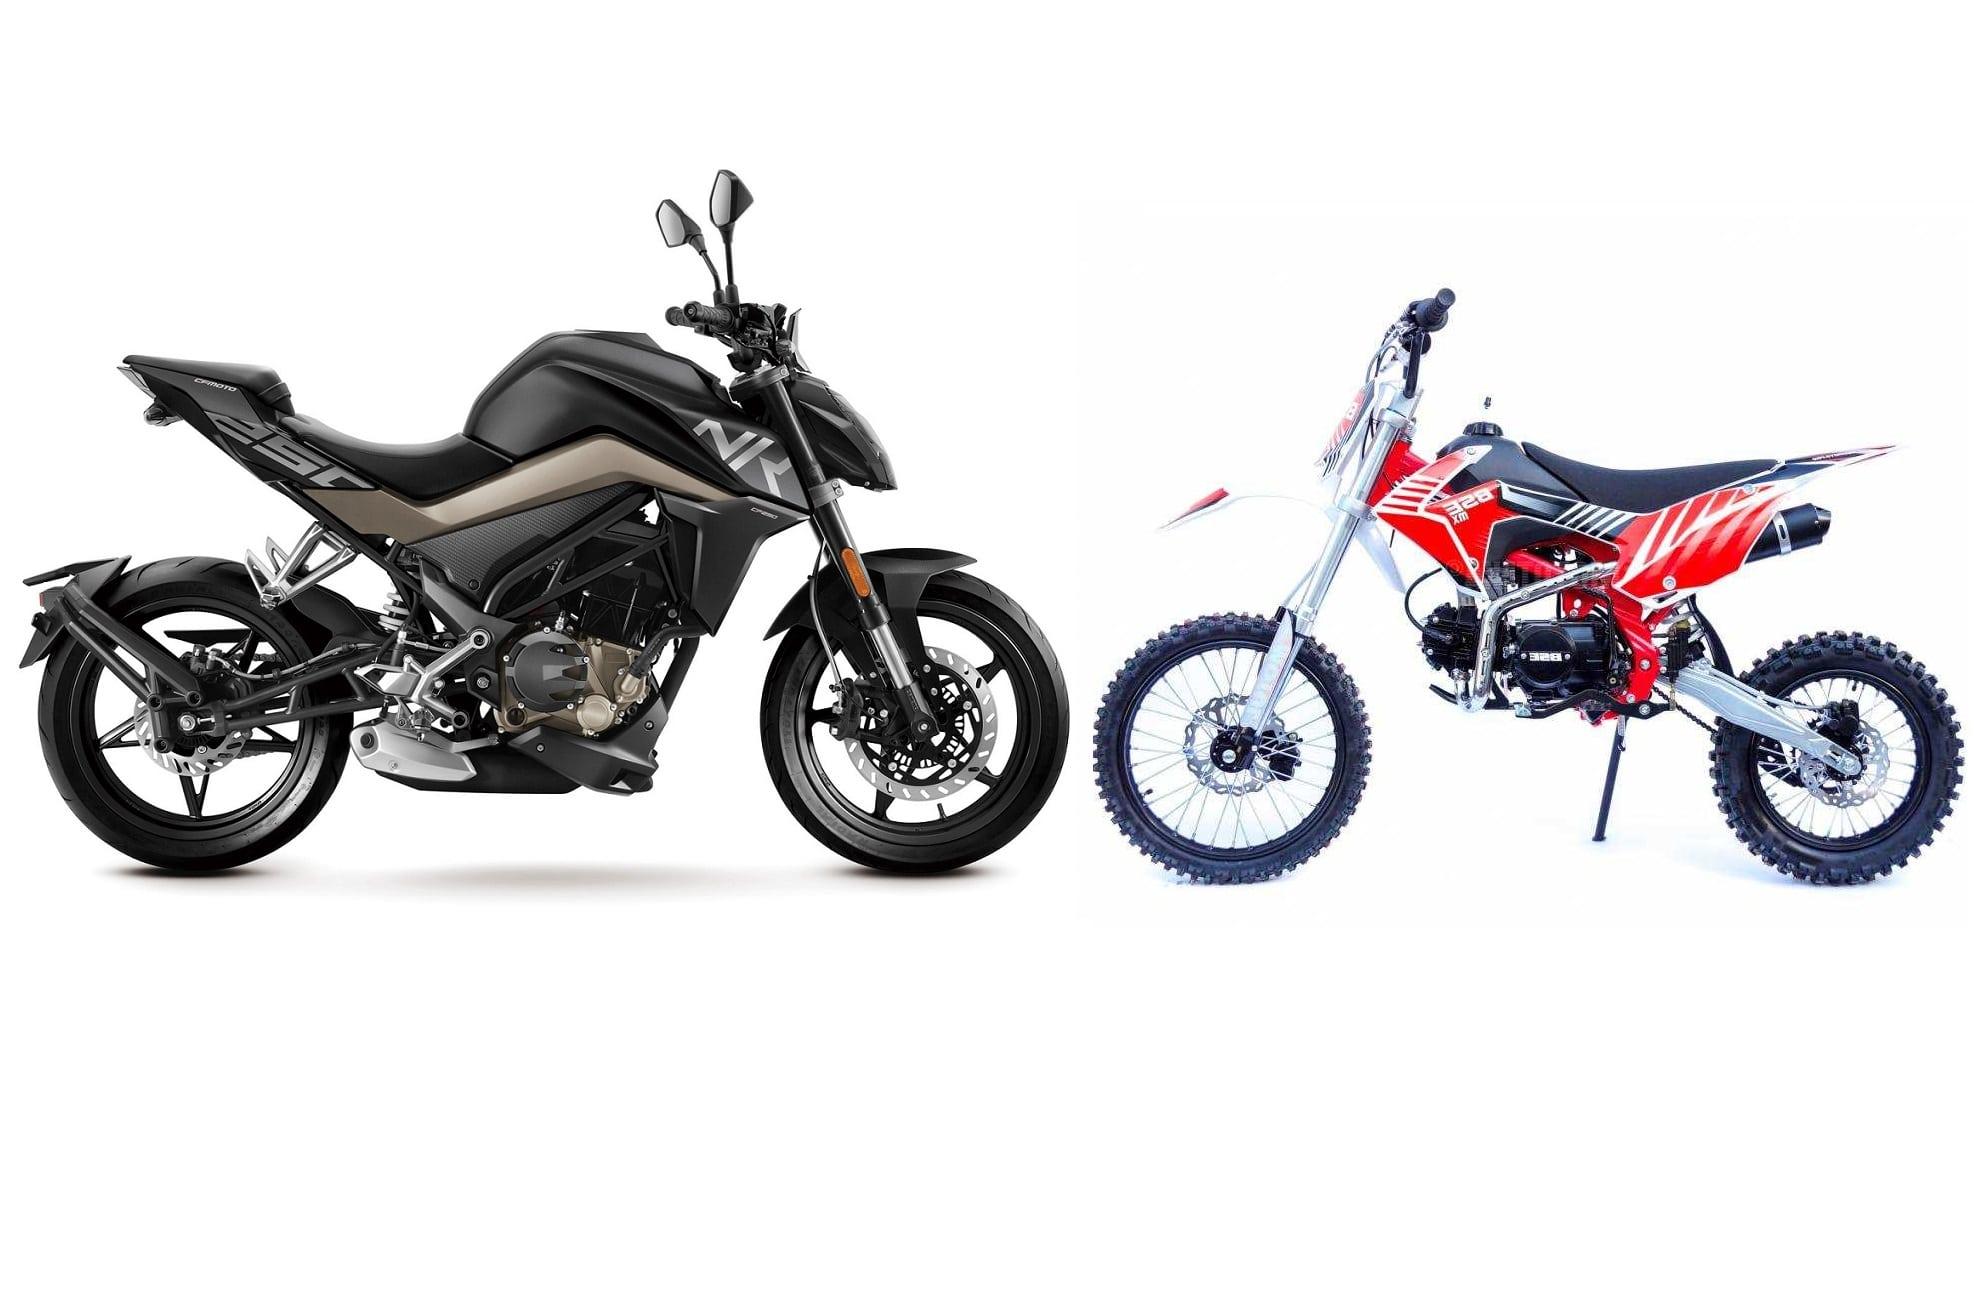 Питбайк vs мотоцикл: что лучше выбрать, в чем отличия?